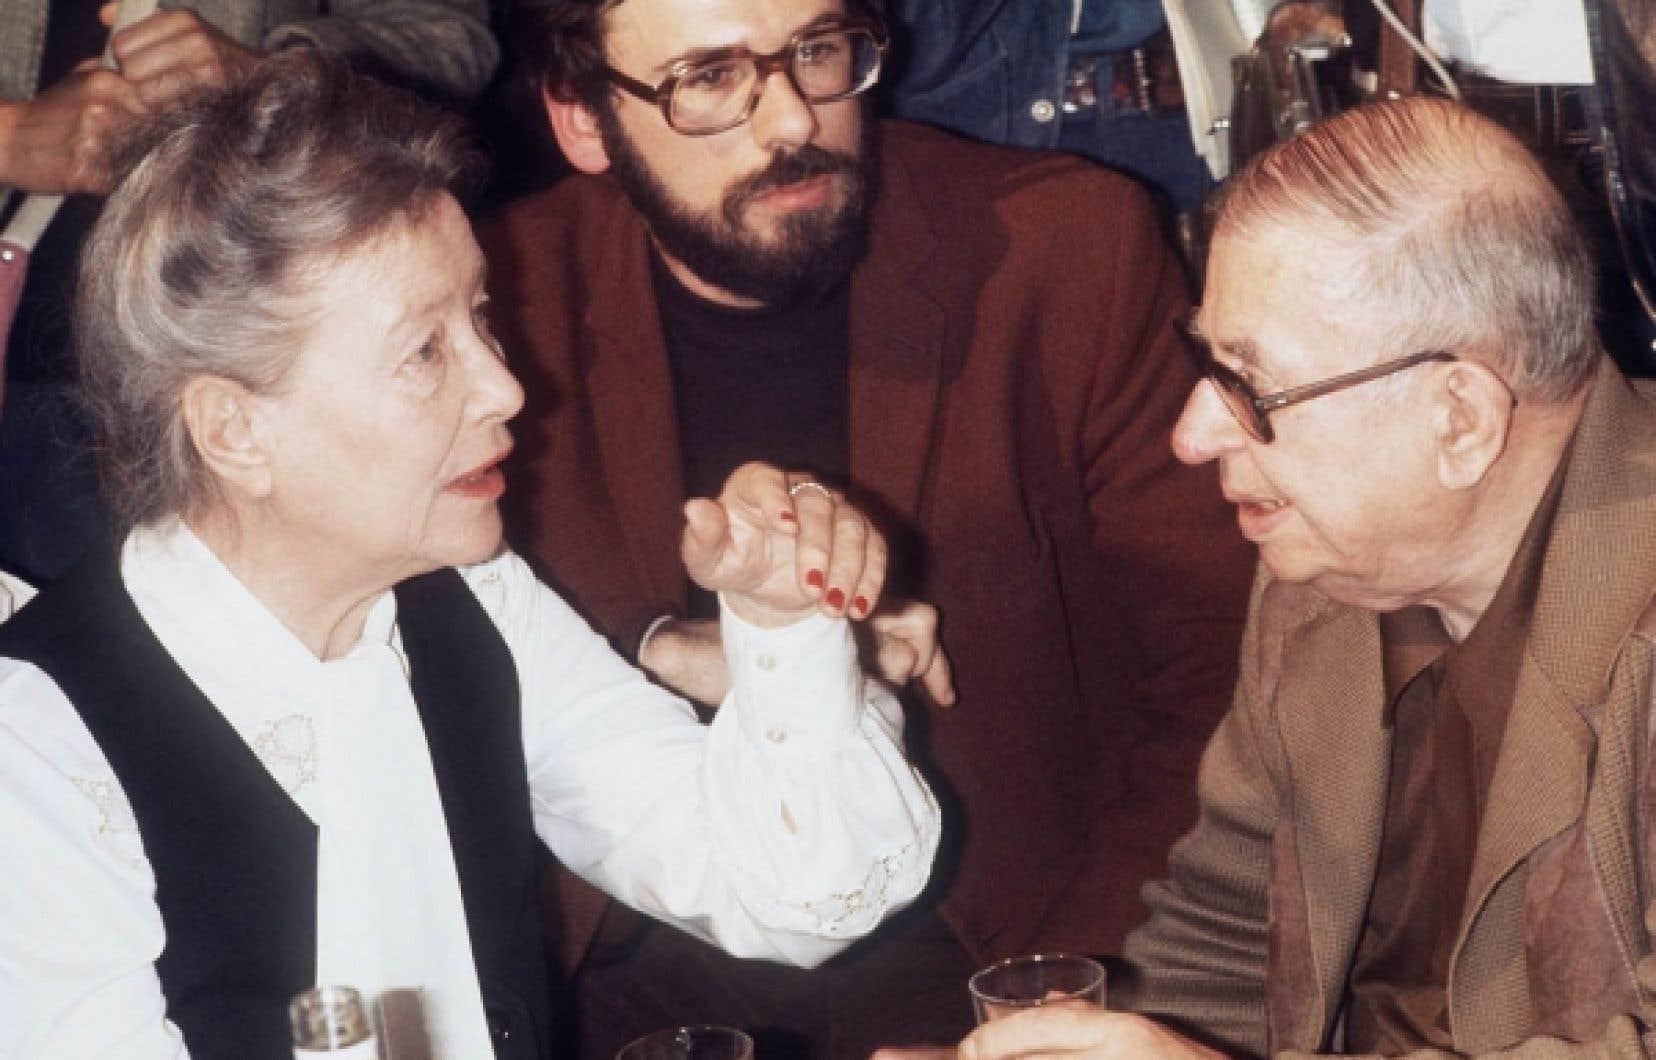 Simone de Beauvoir et Jean-Paul Sartre dis-cutent au cours d'une réunion organisée en fa-veur des dissidents soviétiques, le 21 juin 1977, au théâtre Récamier à Paris.